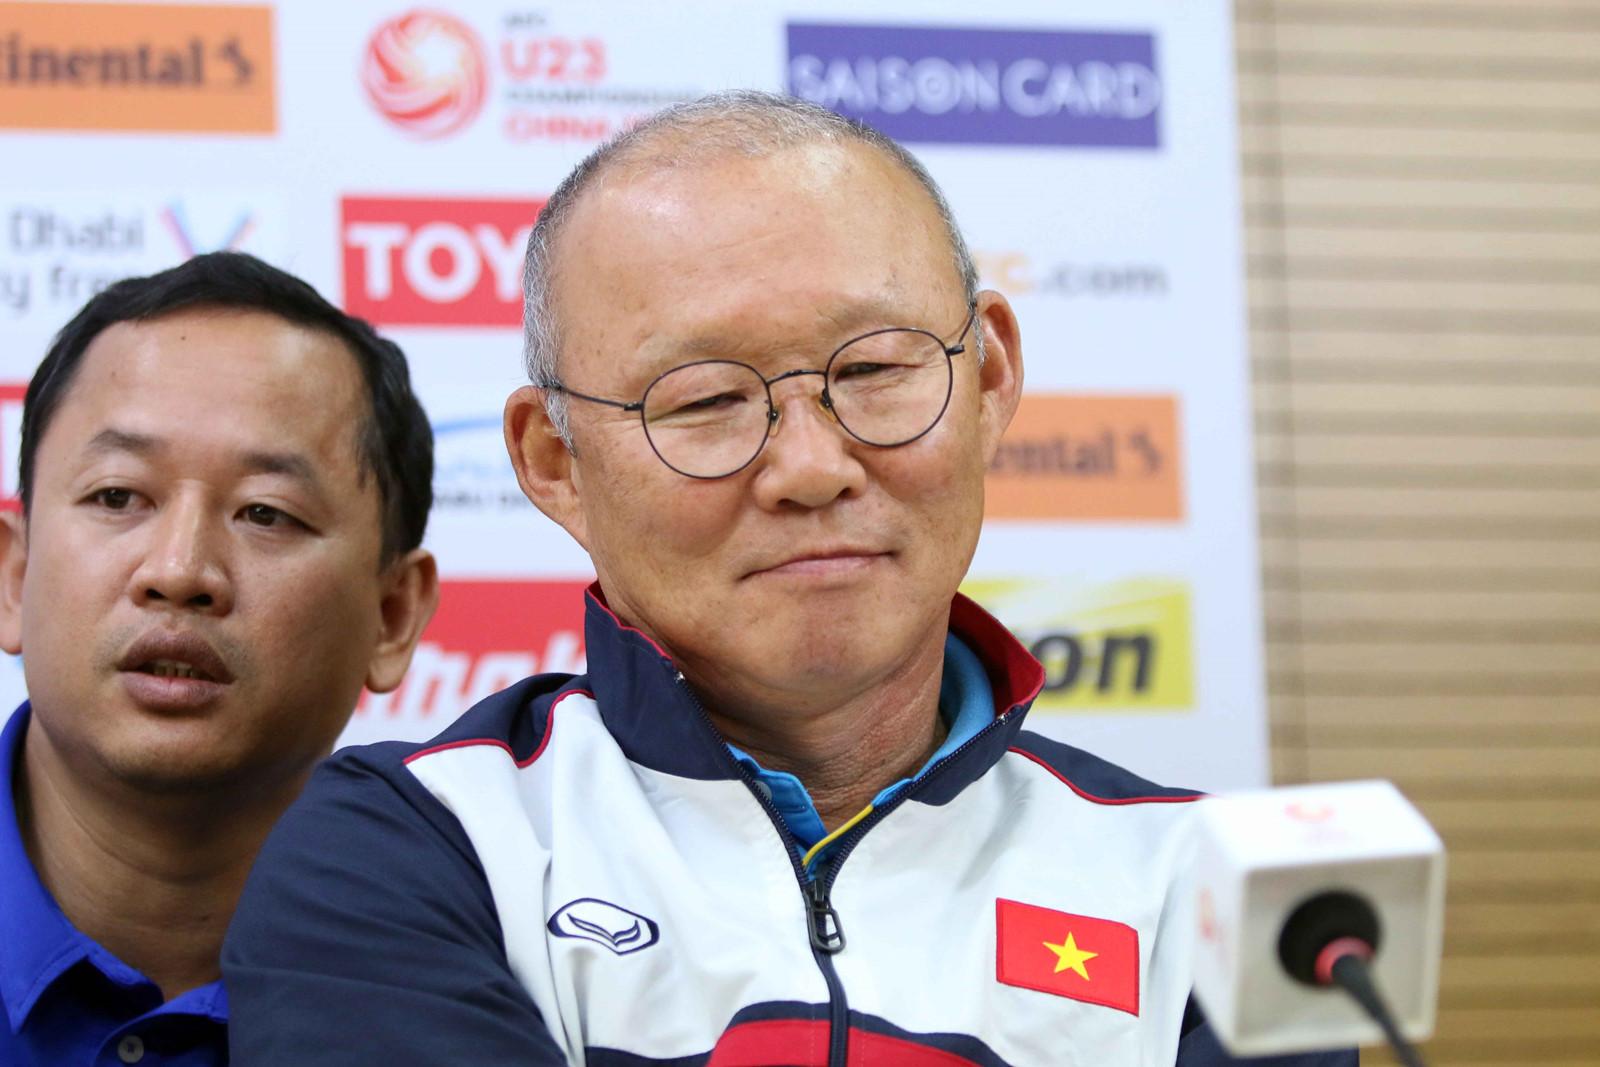 HLV Park Hang-seo: 'Tôi mà bị đuổi về Hàn Quốc là Quang Hải phải chịu trách nhiệm đấy' - Ảnh 1